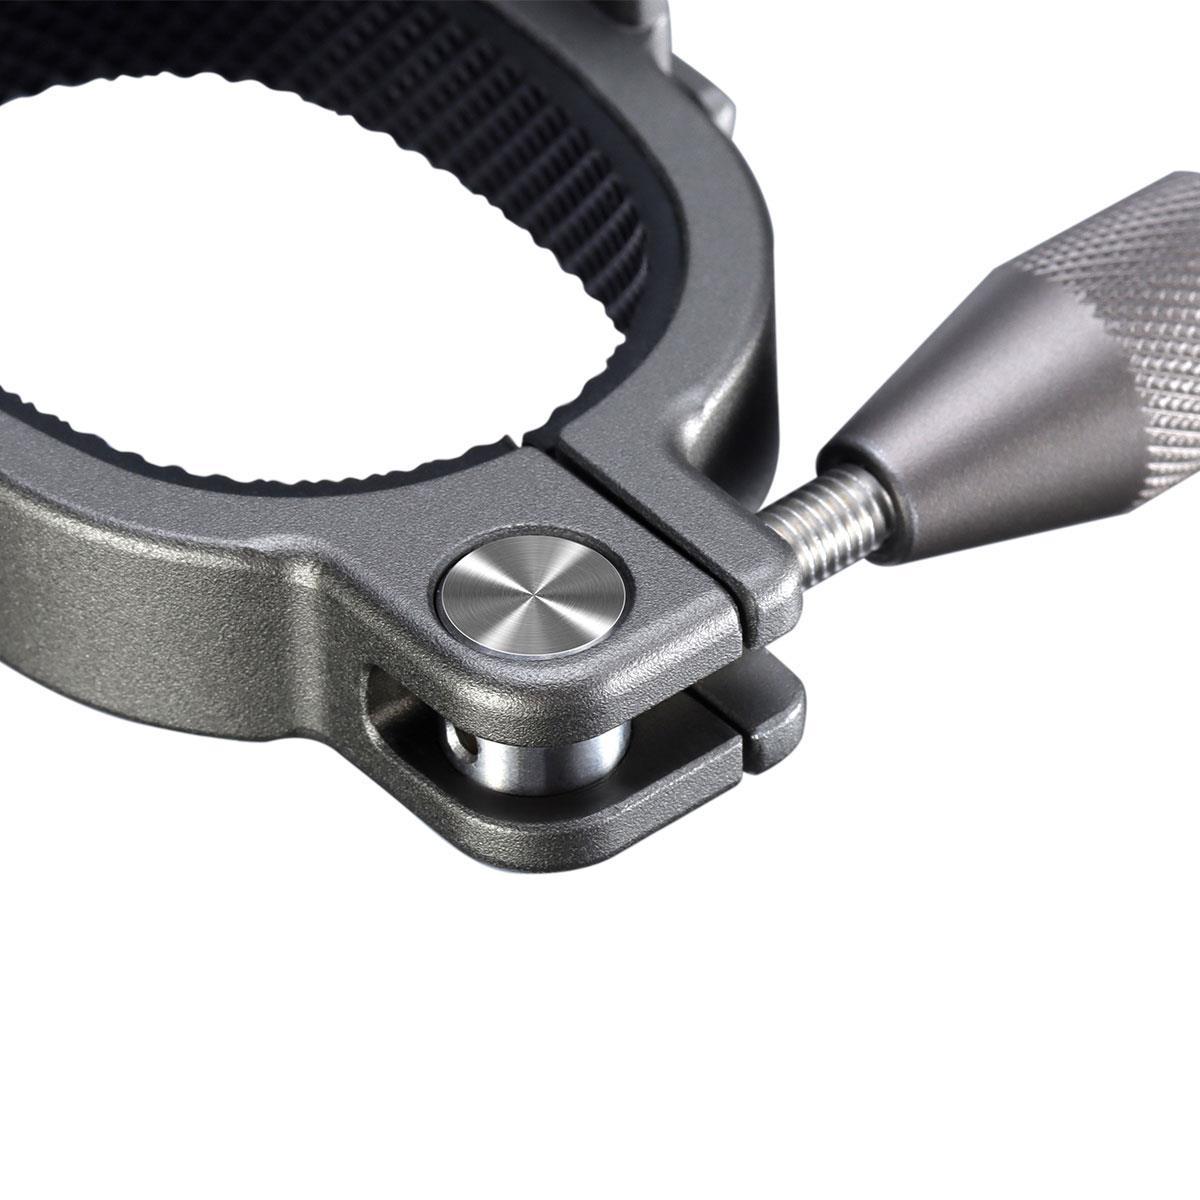 фото быстрого монтажа крепления микрофона для OSMO Mobile 3